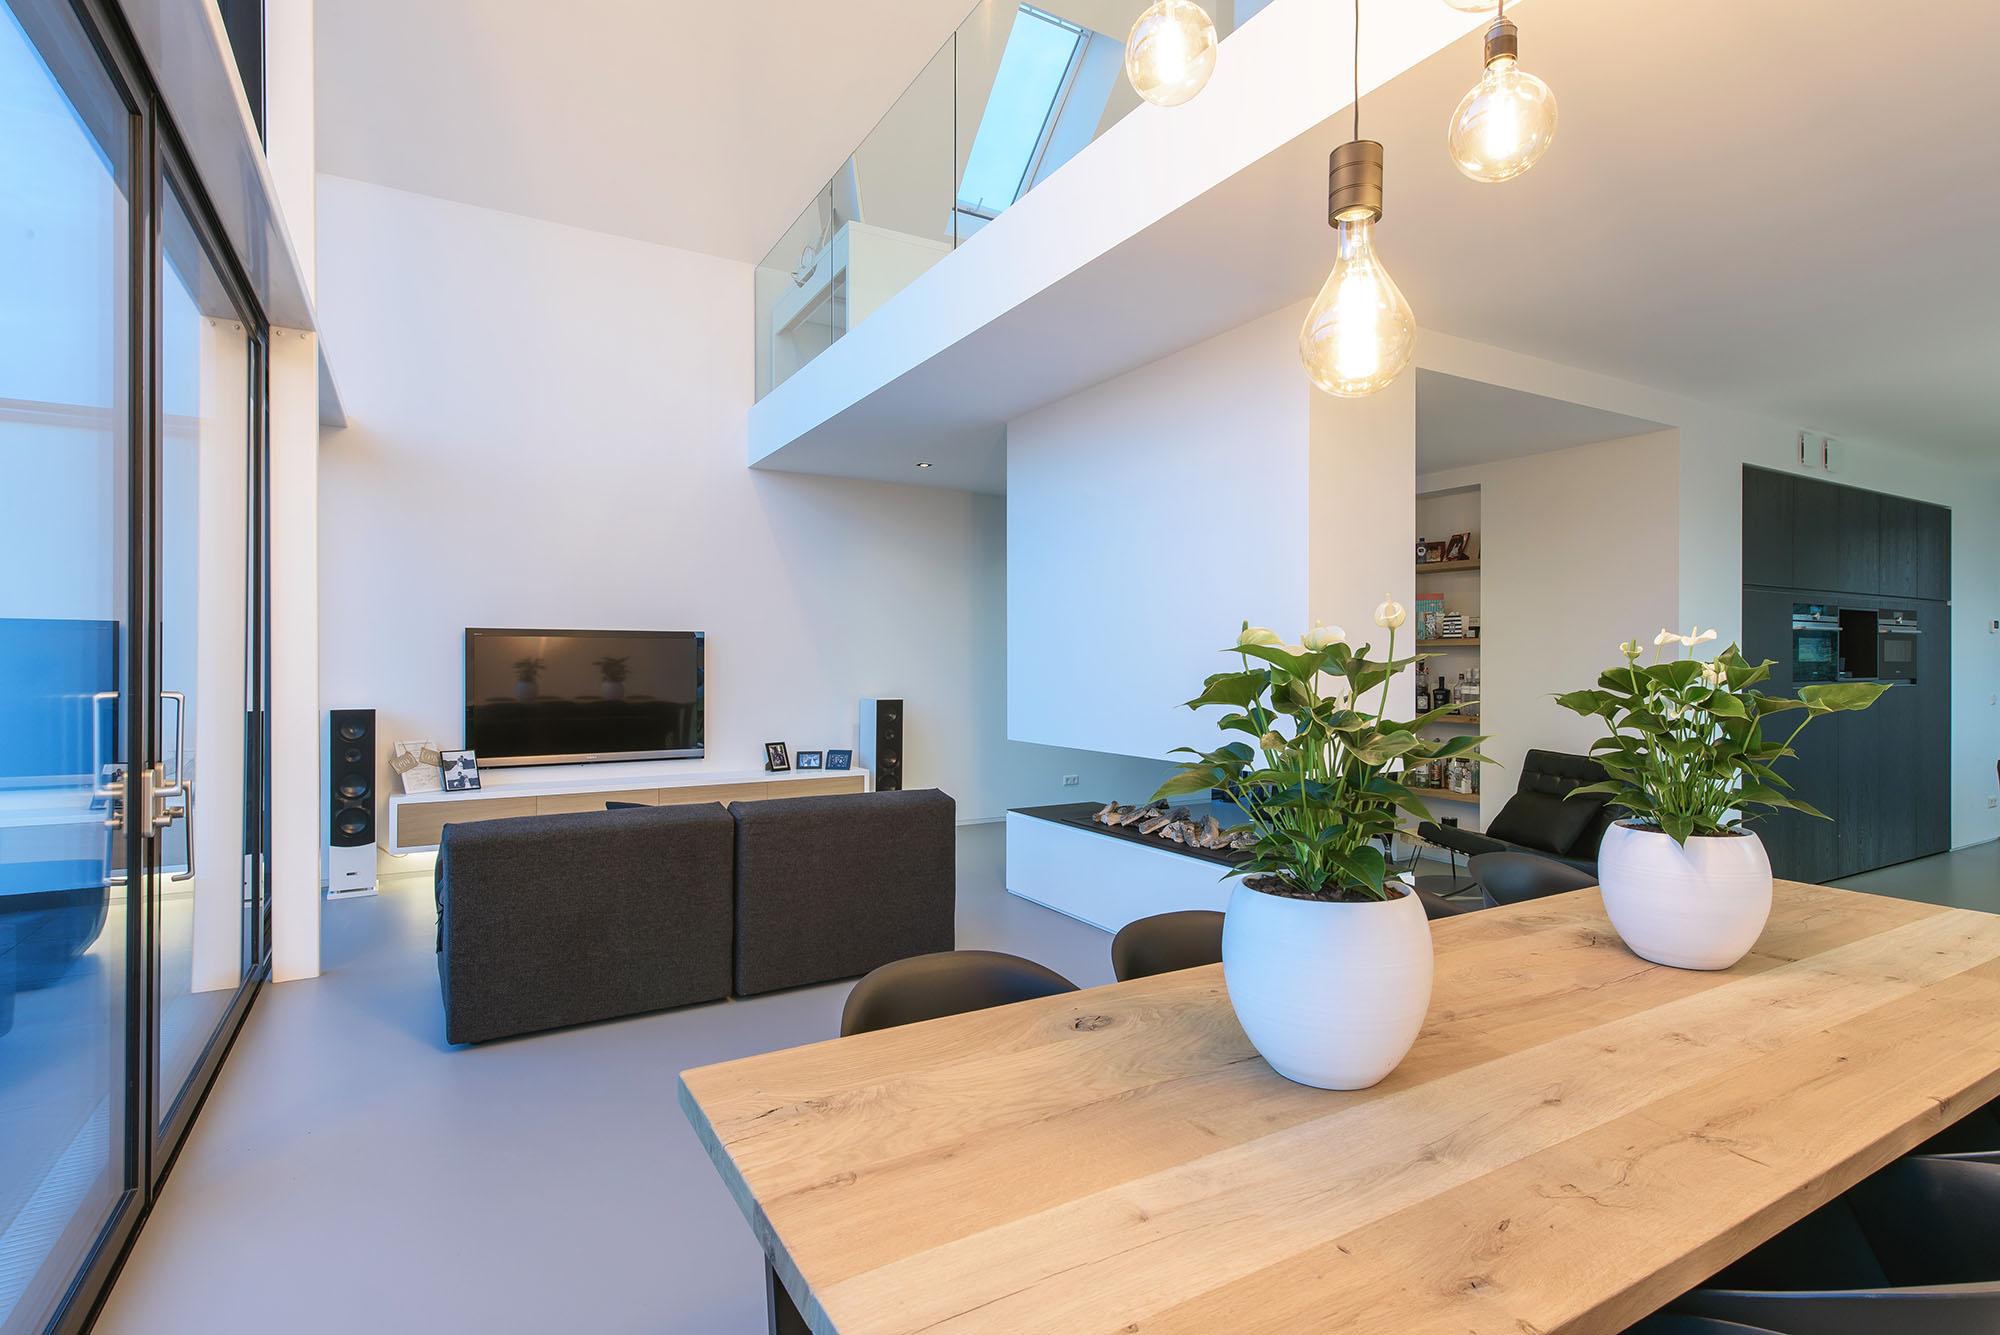 JURY-House008-interieur-haard-vide-03